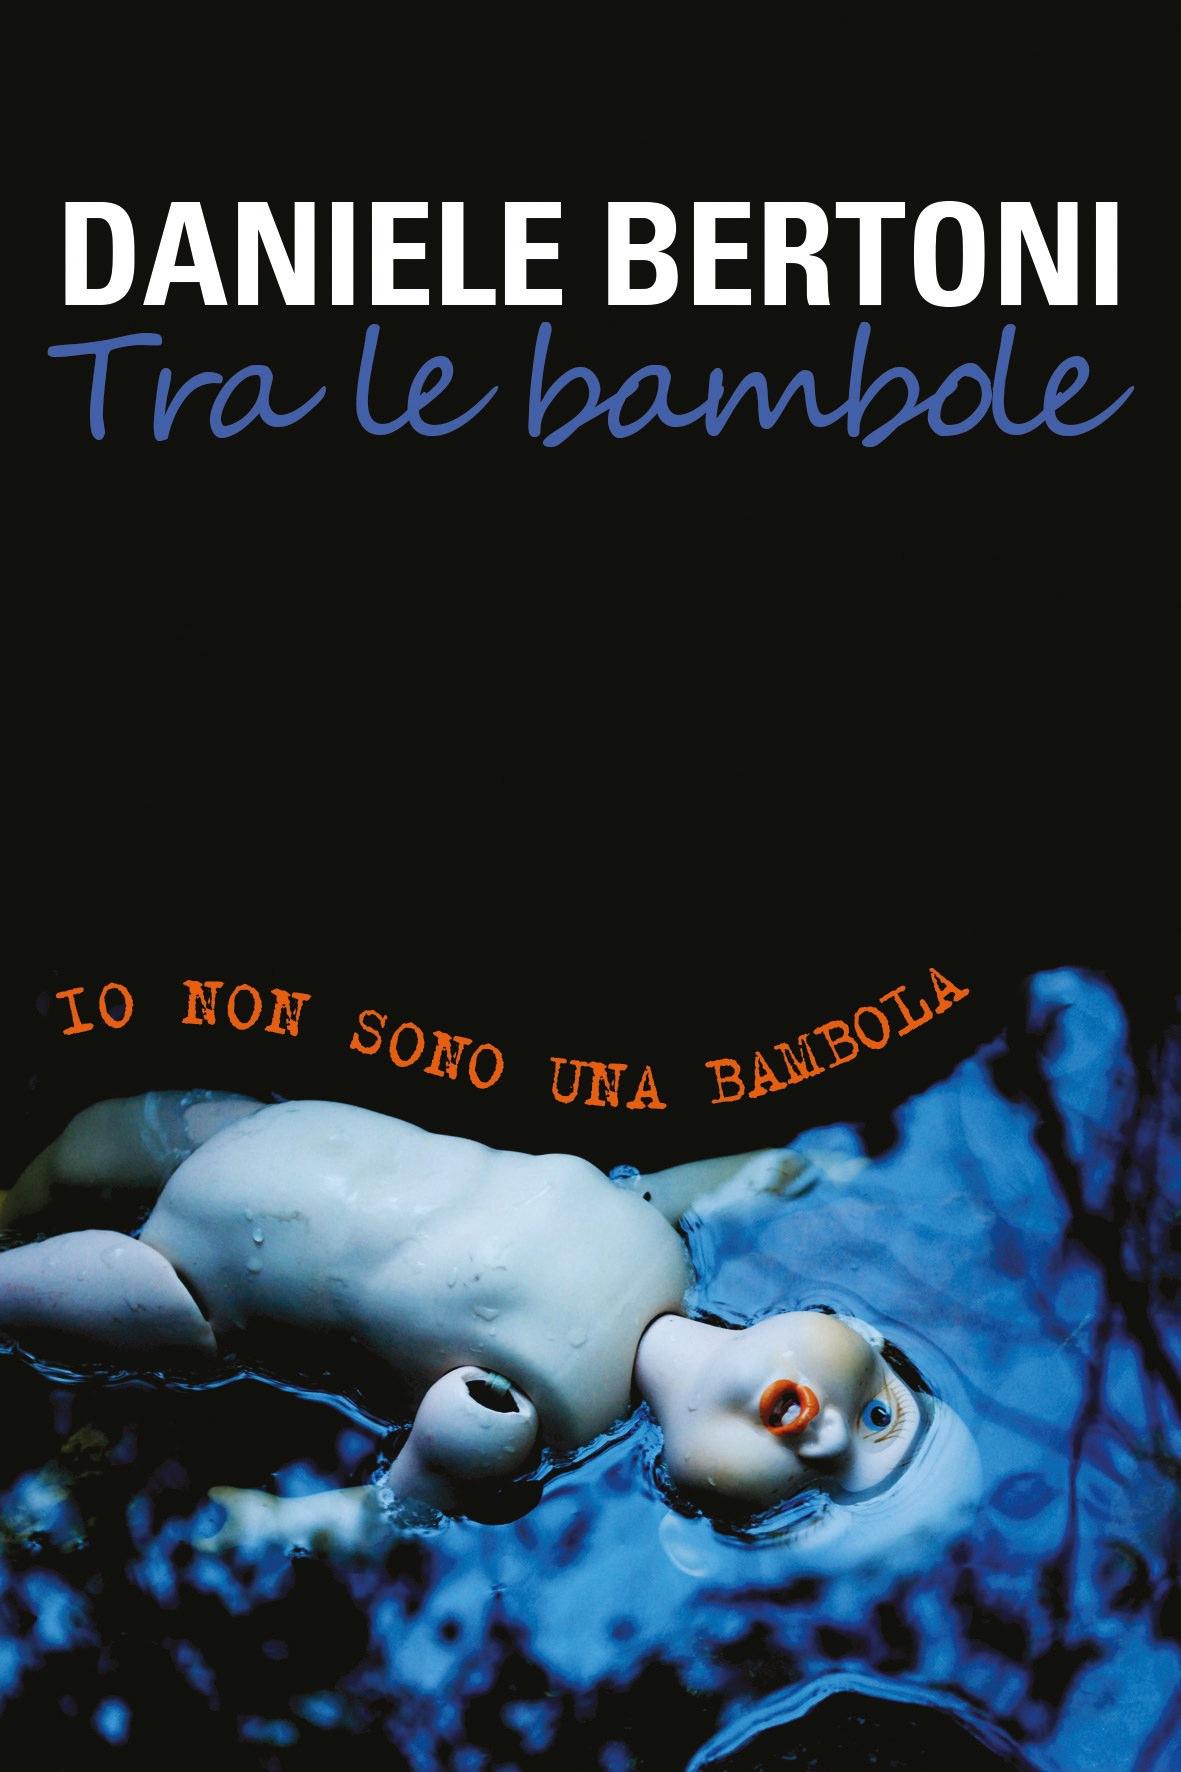 """""""Tra le bambole (io non sono una bambola)"""". Anticipata l'uscita del nuovo libro  di Daniele Bertoni"""